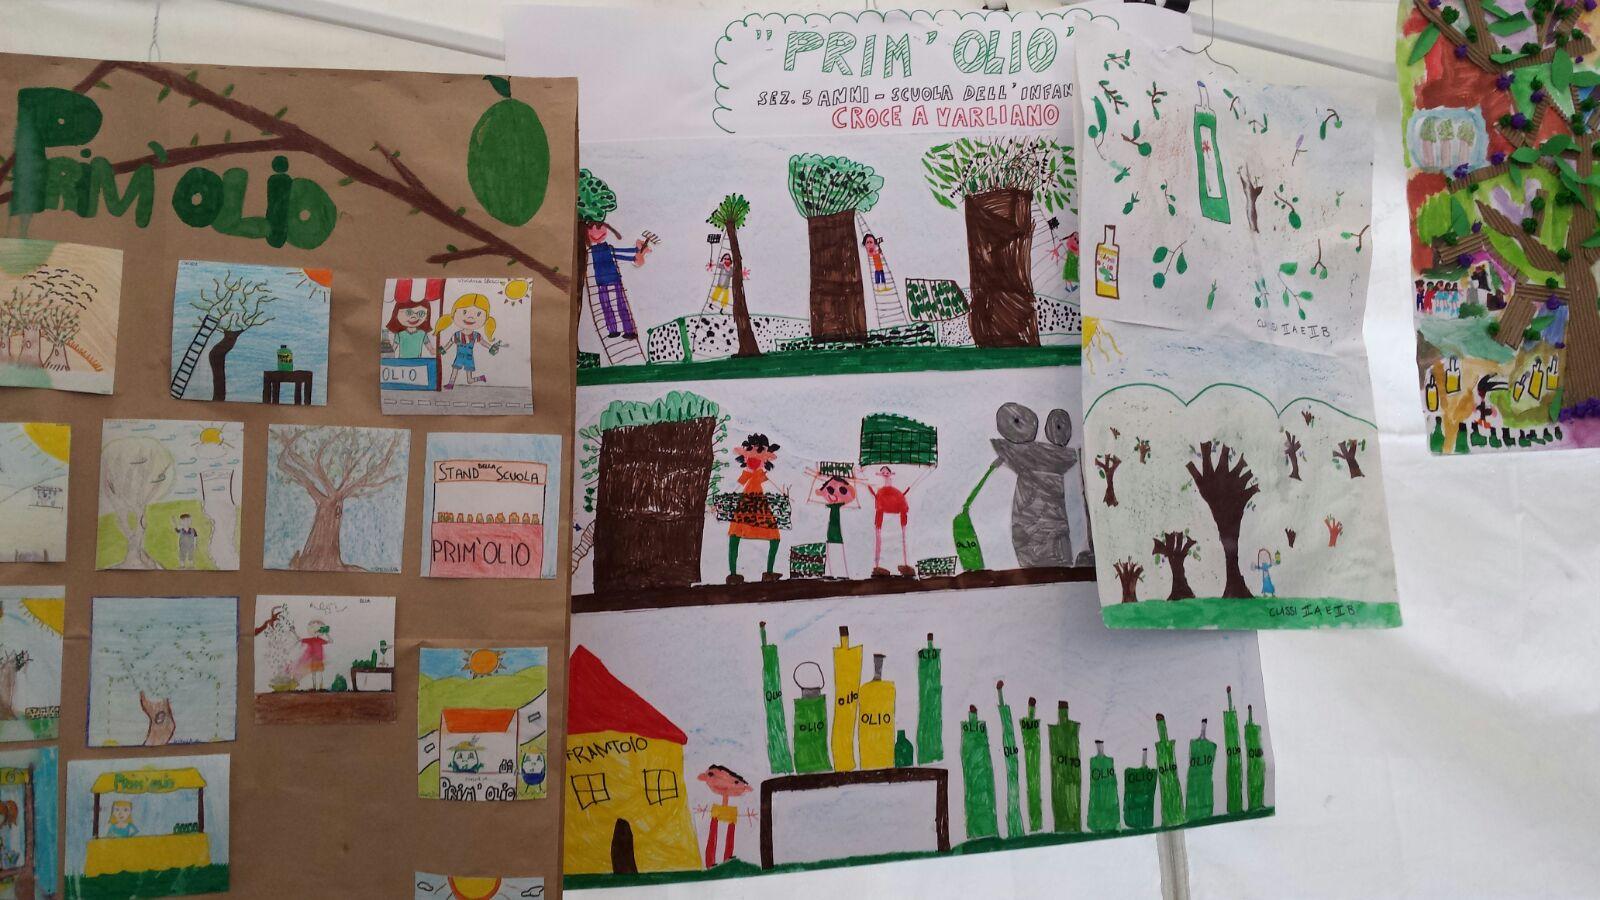 Disegno Bagno Per Bambini : Prim.olio la festa nei disegni dei bambini delle scuole di bagno a